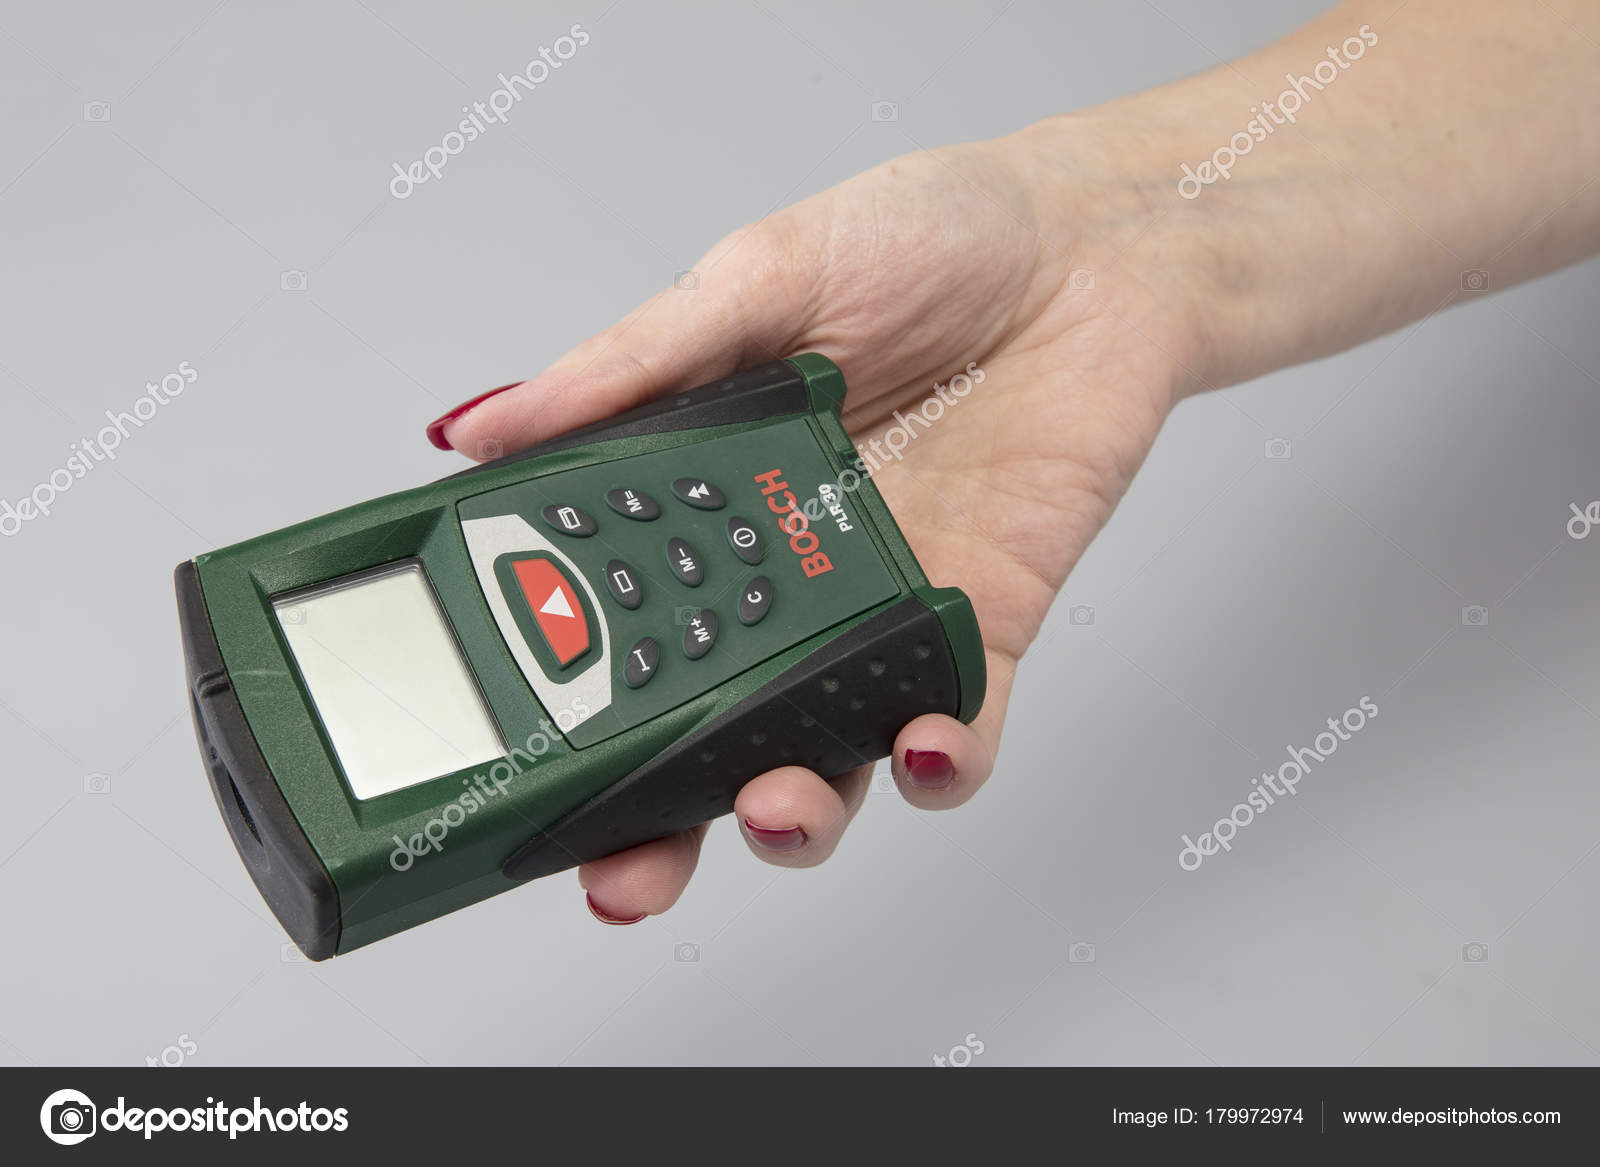 Laser Entfernungsmesser Kaufen : Laser entfernungsmesser der hand einer frau u2014 redaktionelles